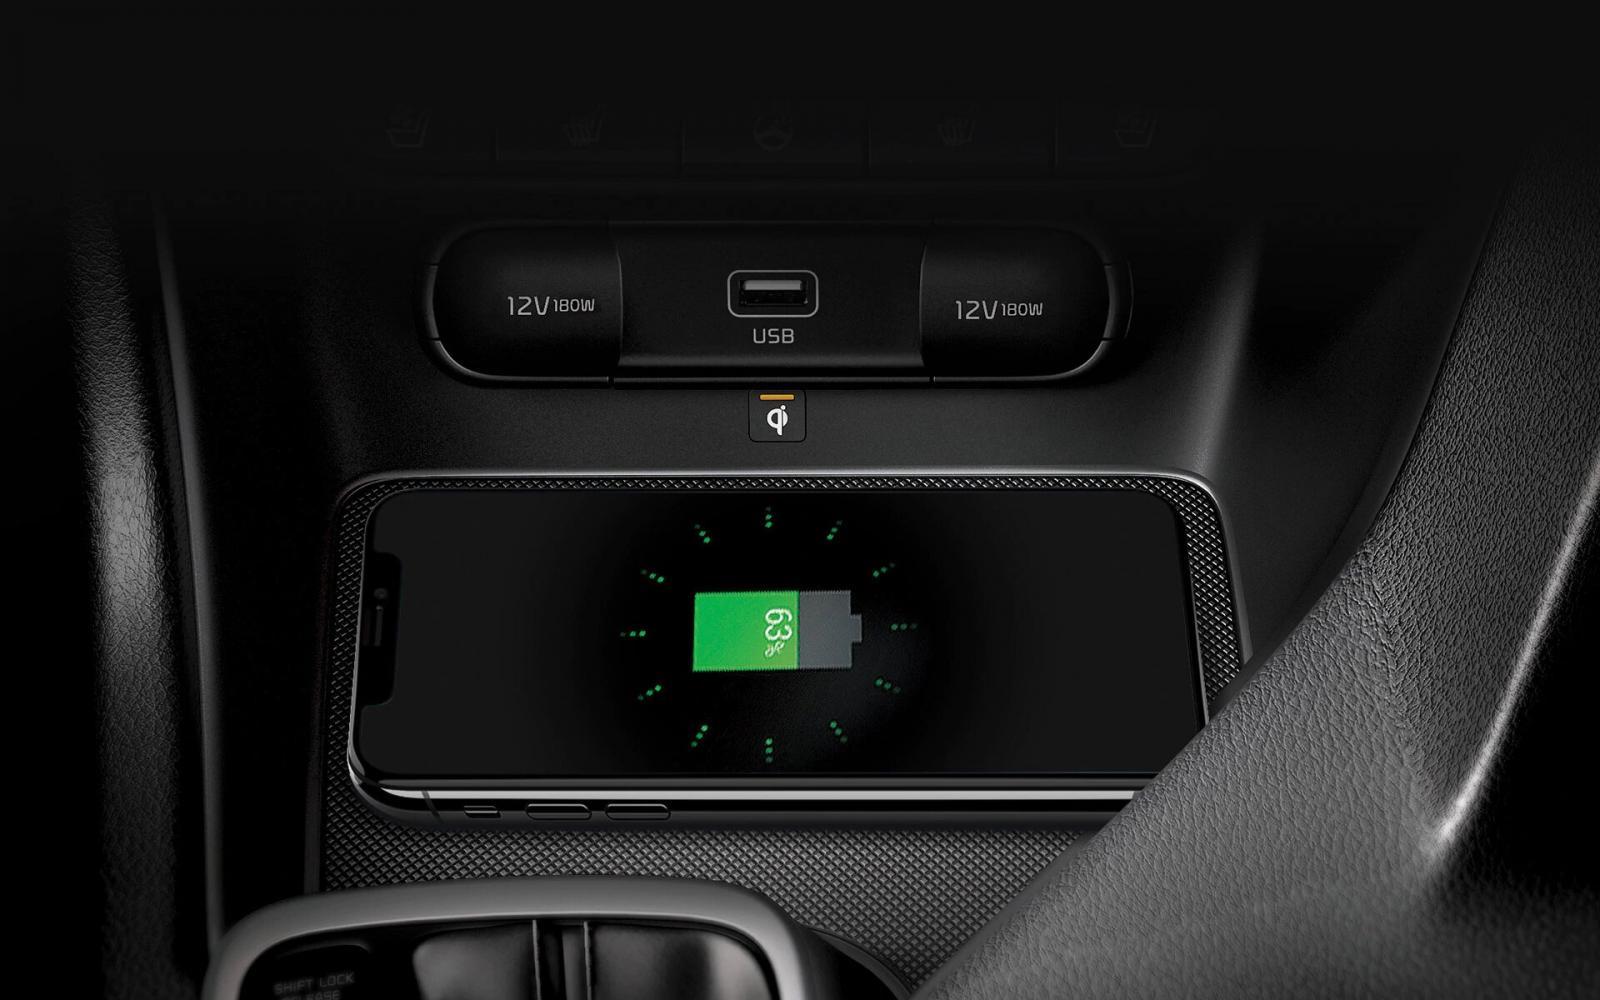 Kia Sportage SXL 2020 resena opiniones Tiene cargador inalámbrico, una característica muy útil para el día a día